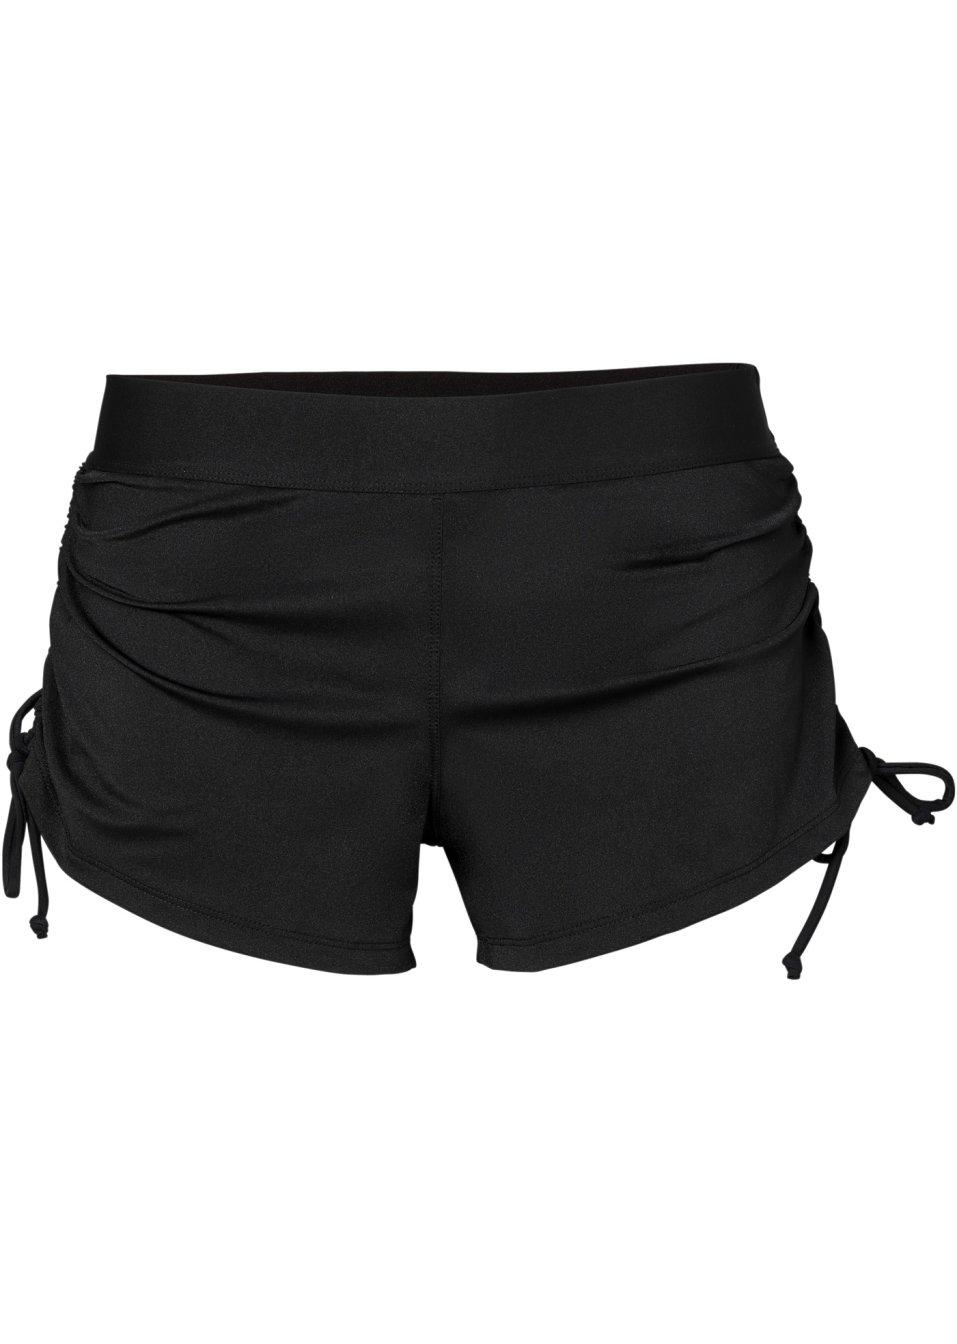 Sportlich kurze Bikinishorts mit flexiblem Bund und seitlichen Bindebändern - schwarz s1ftS B48B1